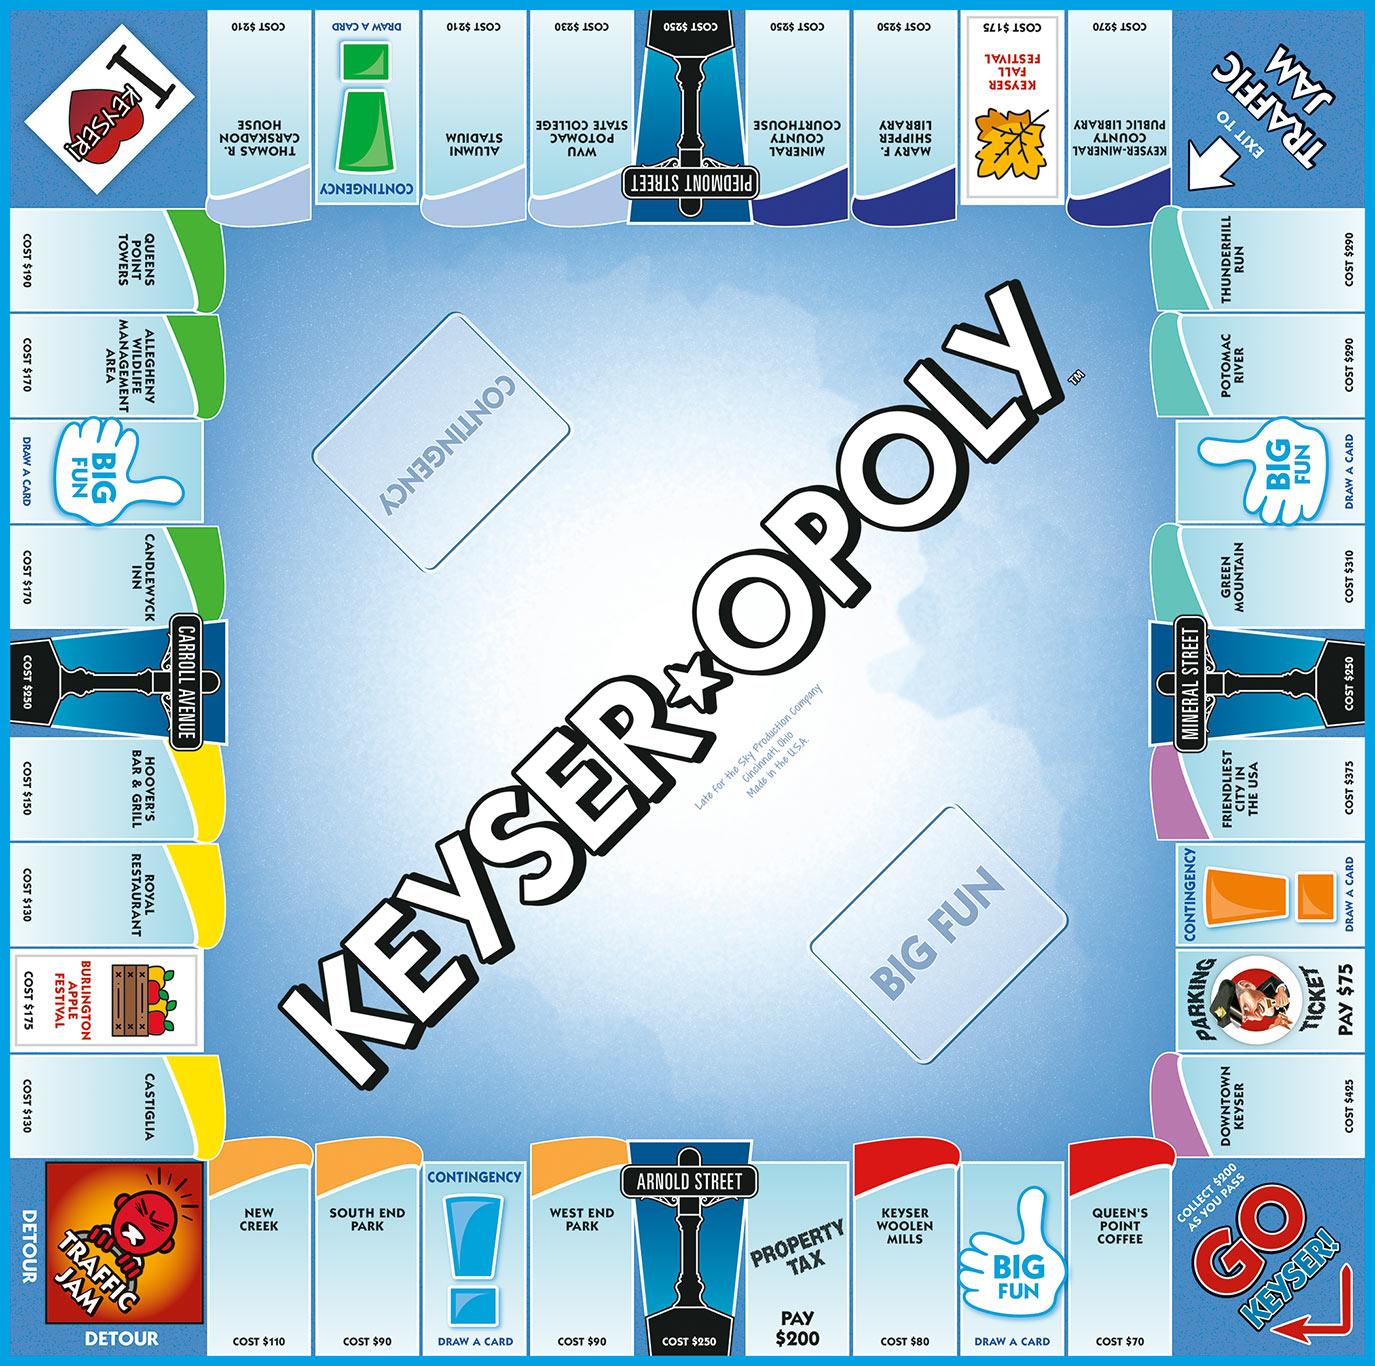 KEYSER-OPOLY Board Game